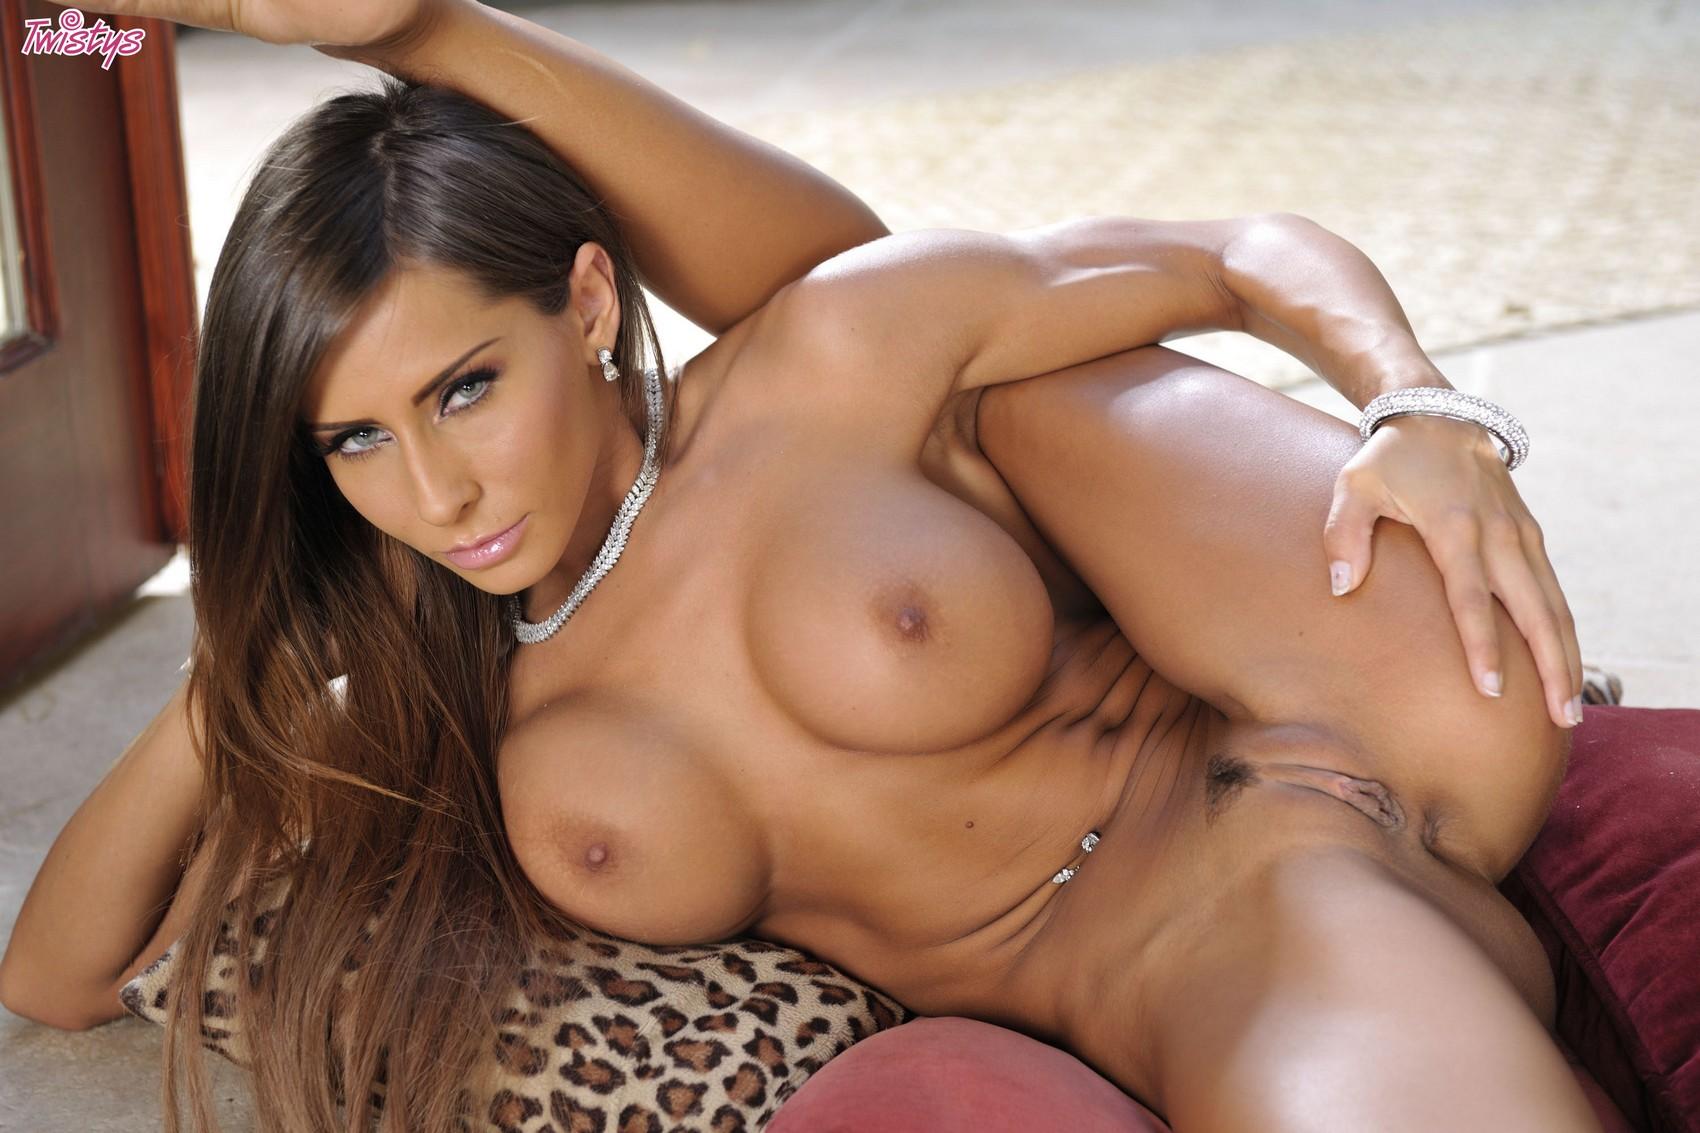 Смотреть медисон ива секс, Порно Гриб Актриса Madison Ivy - смотрите 82 видео 9 фотография